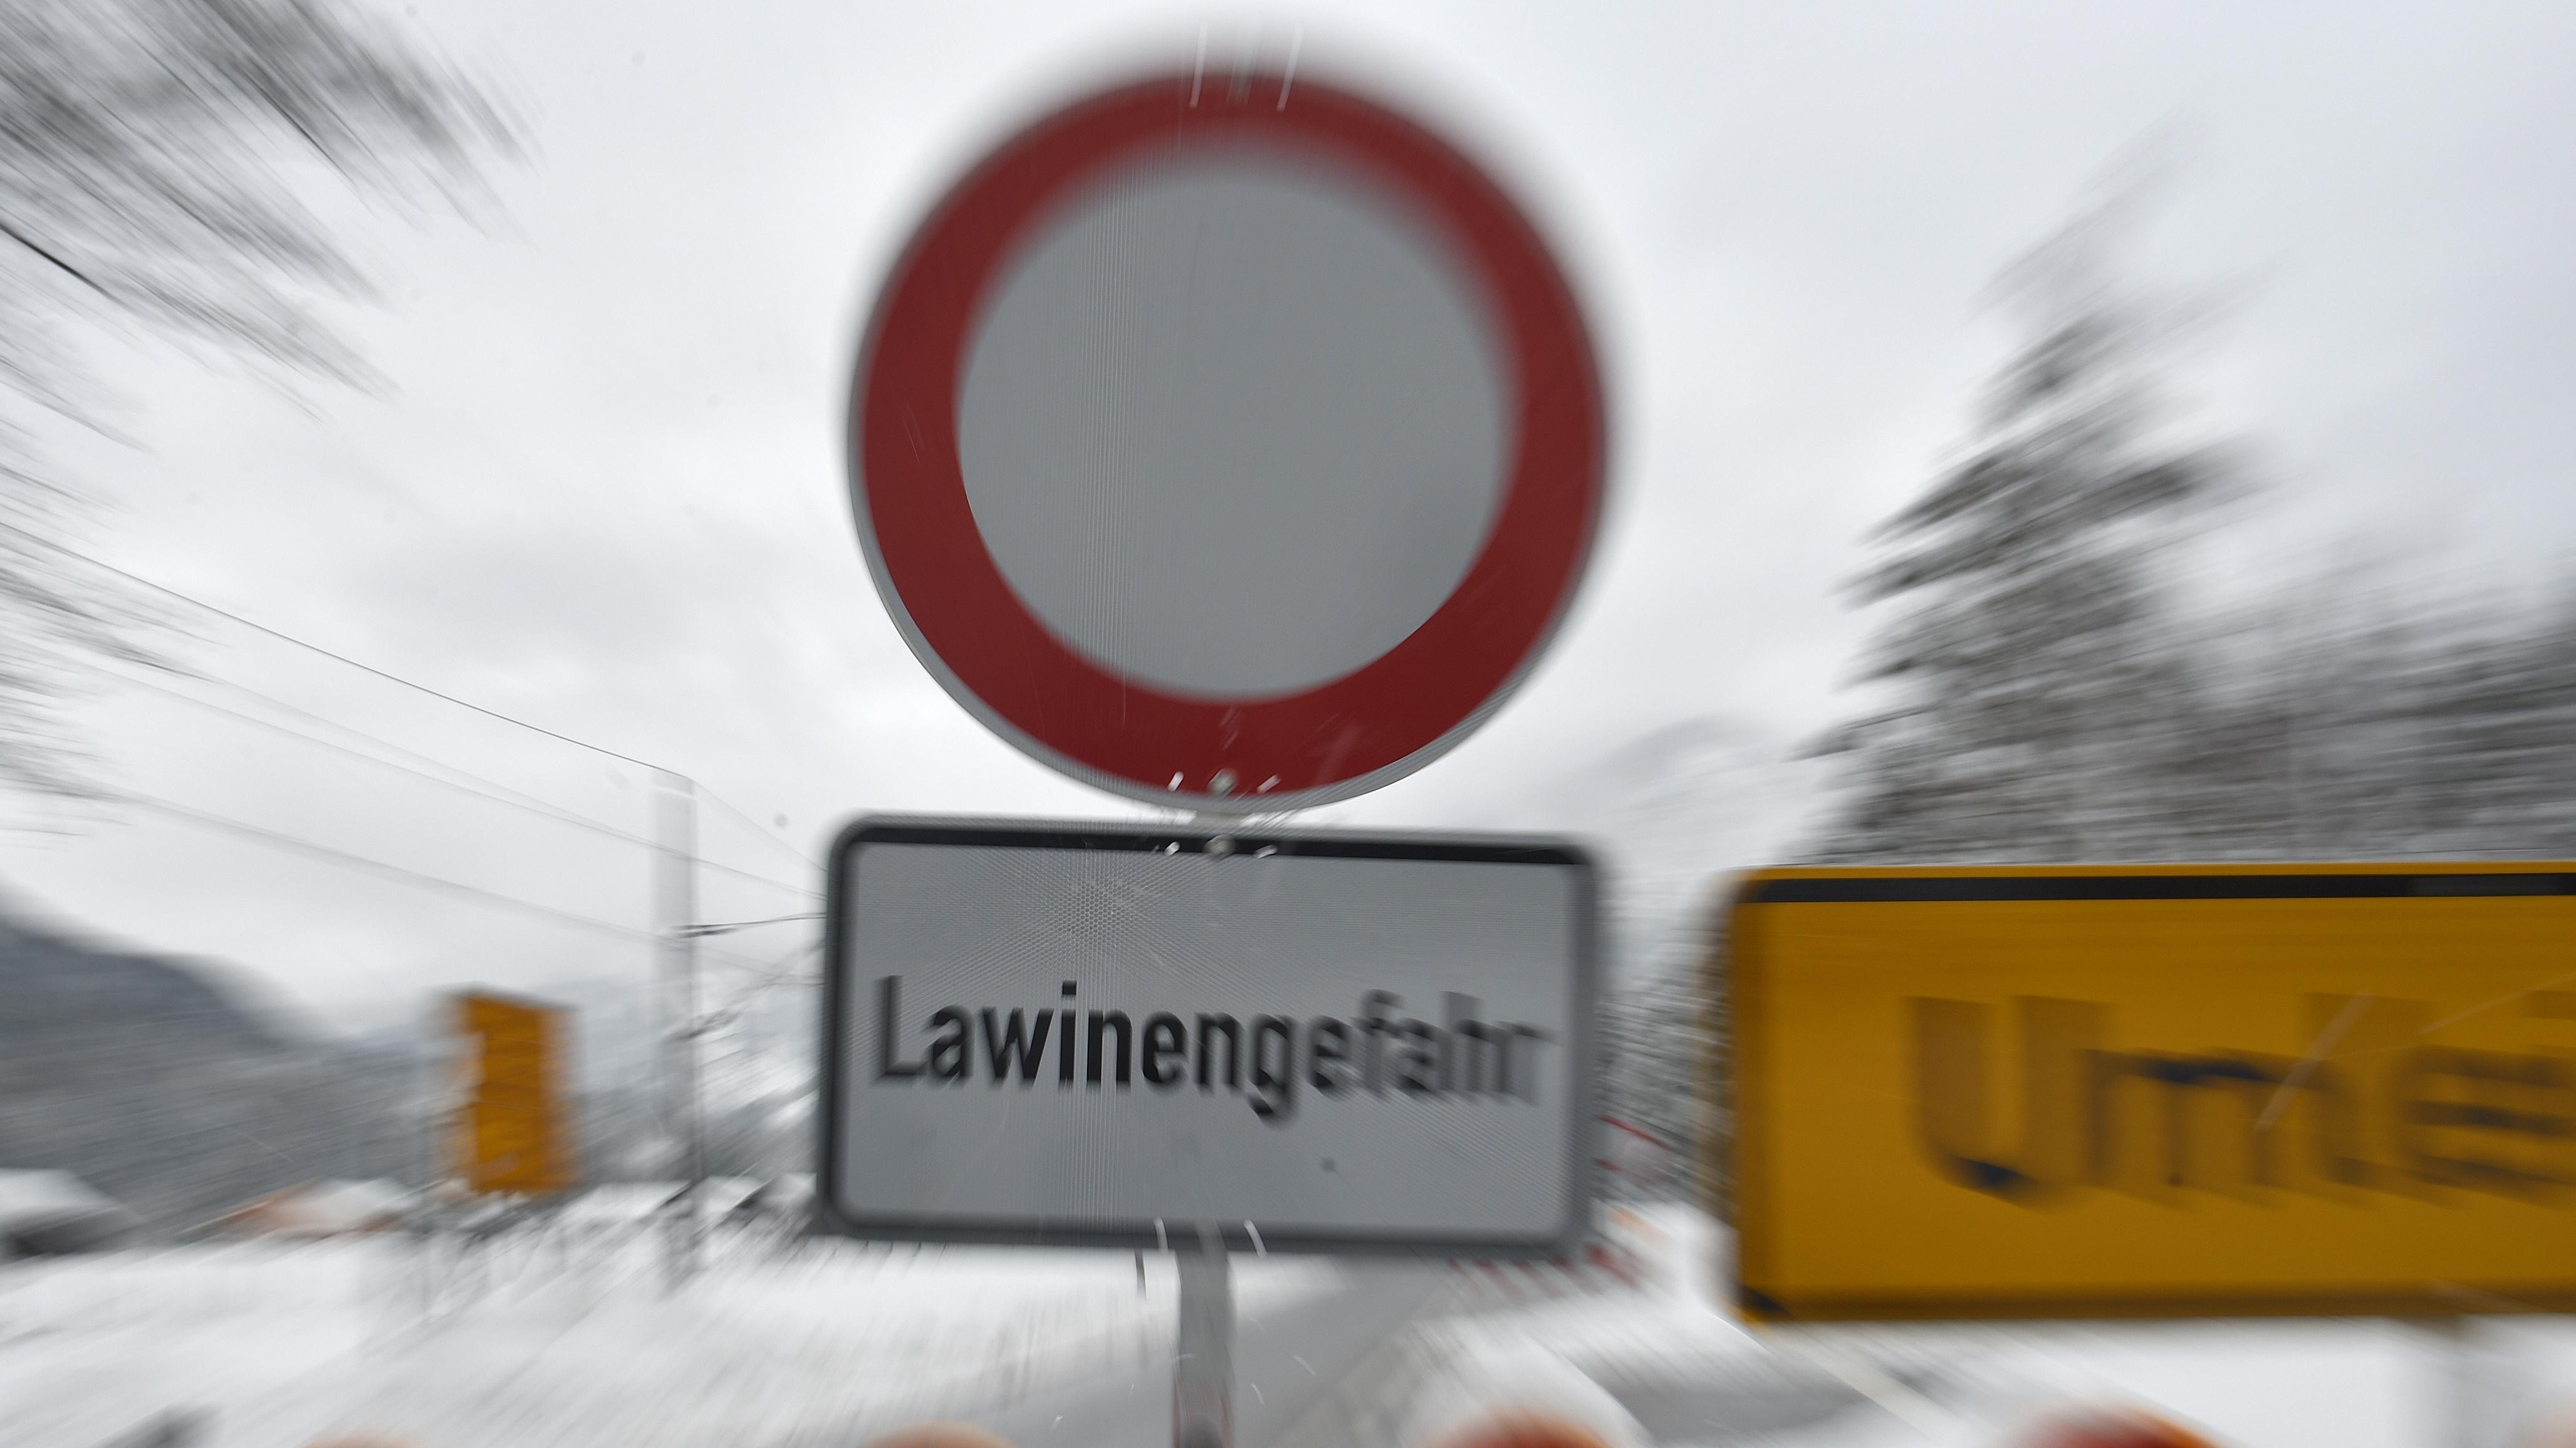 Straßenschild zur Sperrung wegen Lawinengefahr